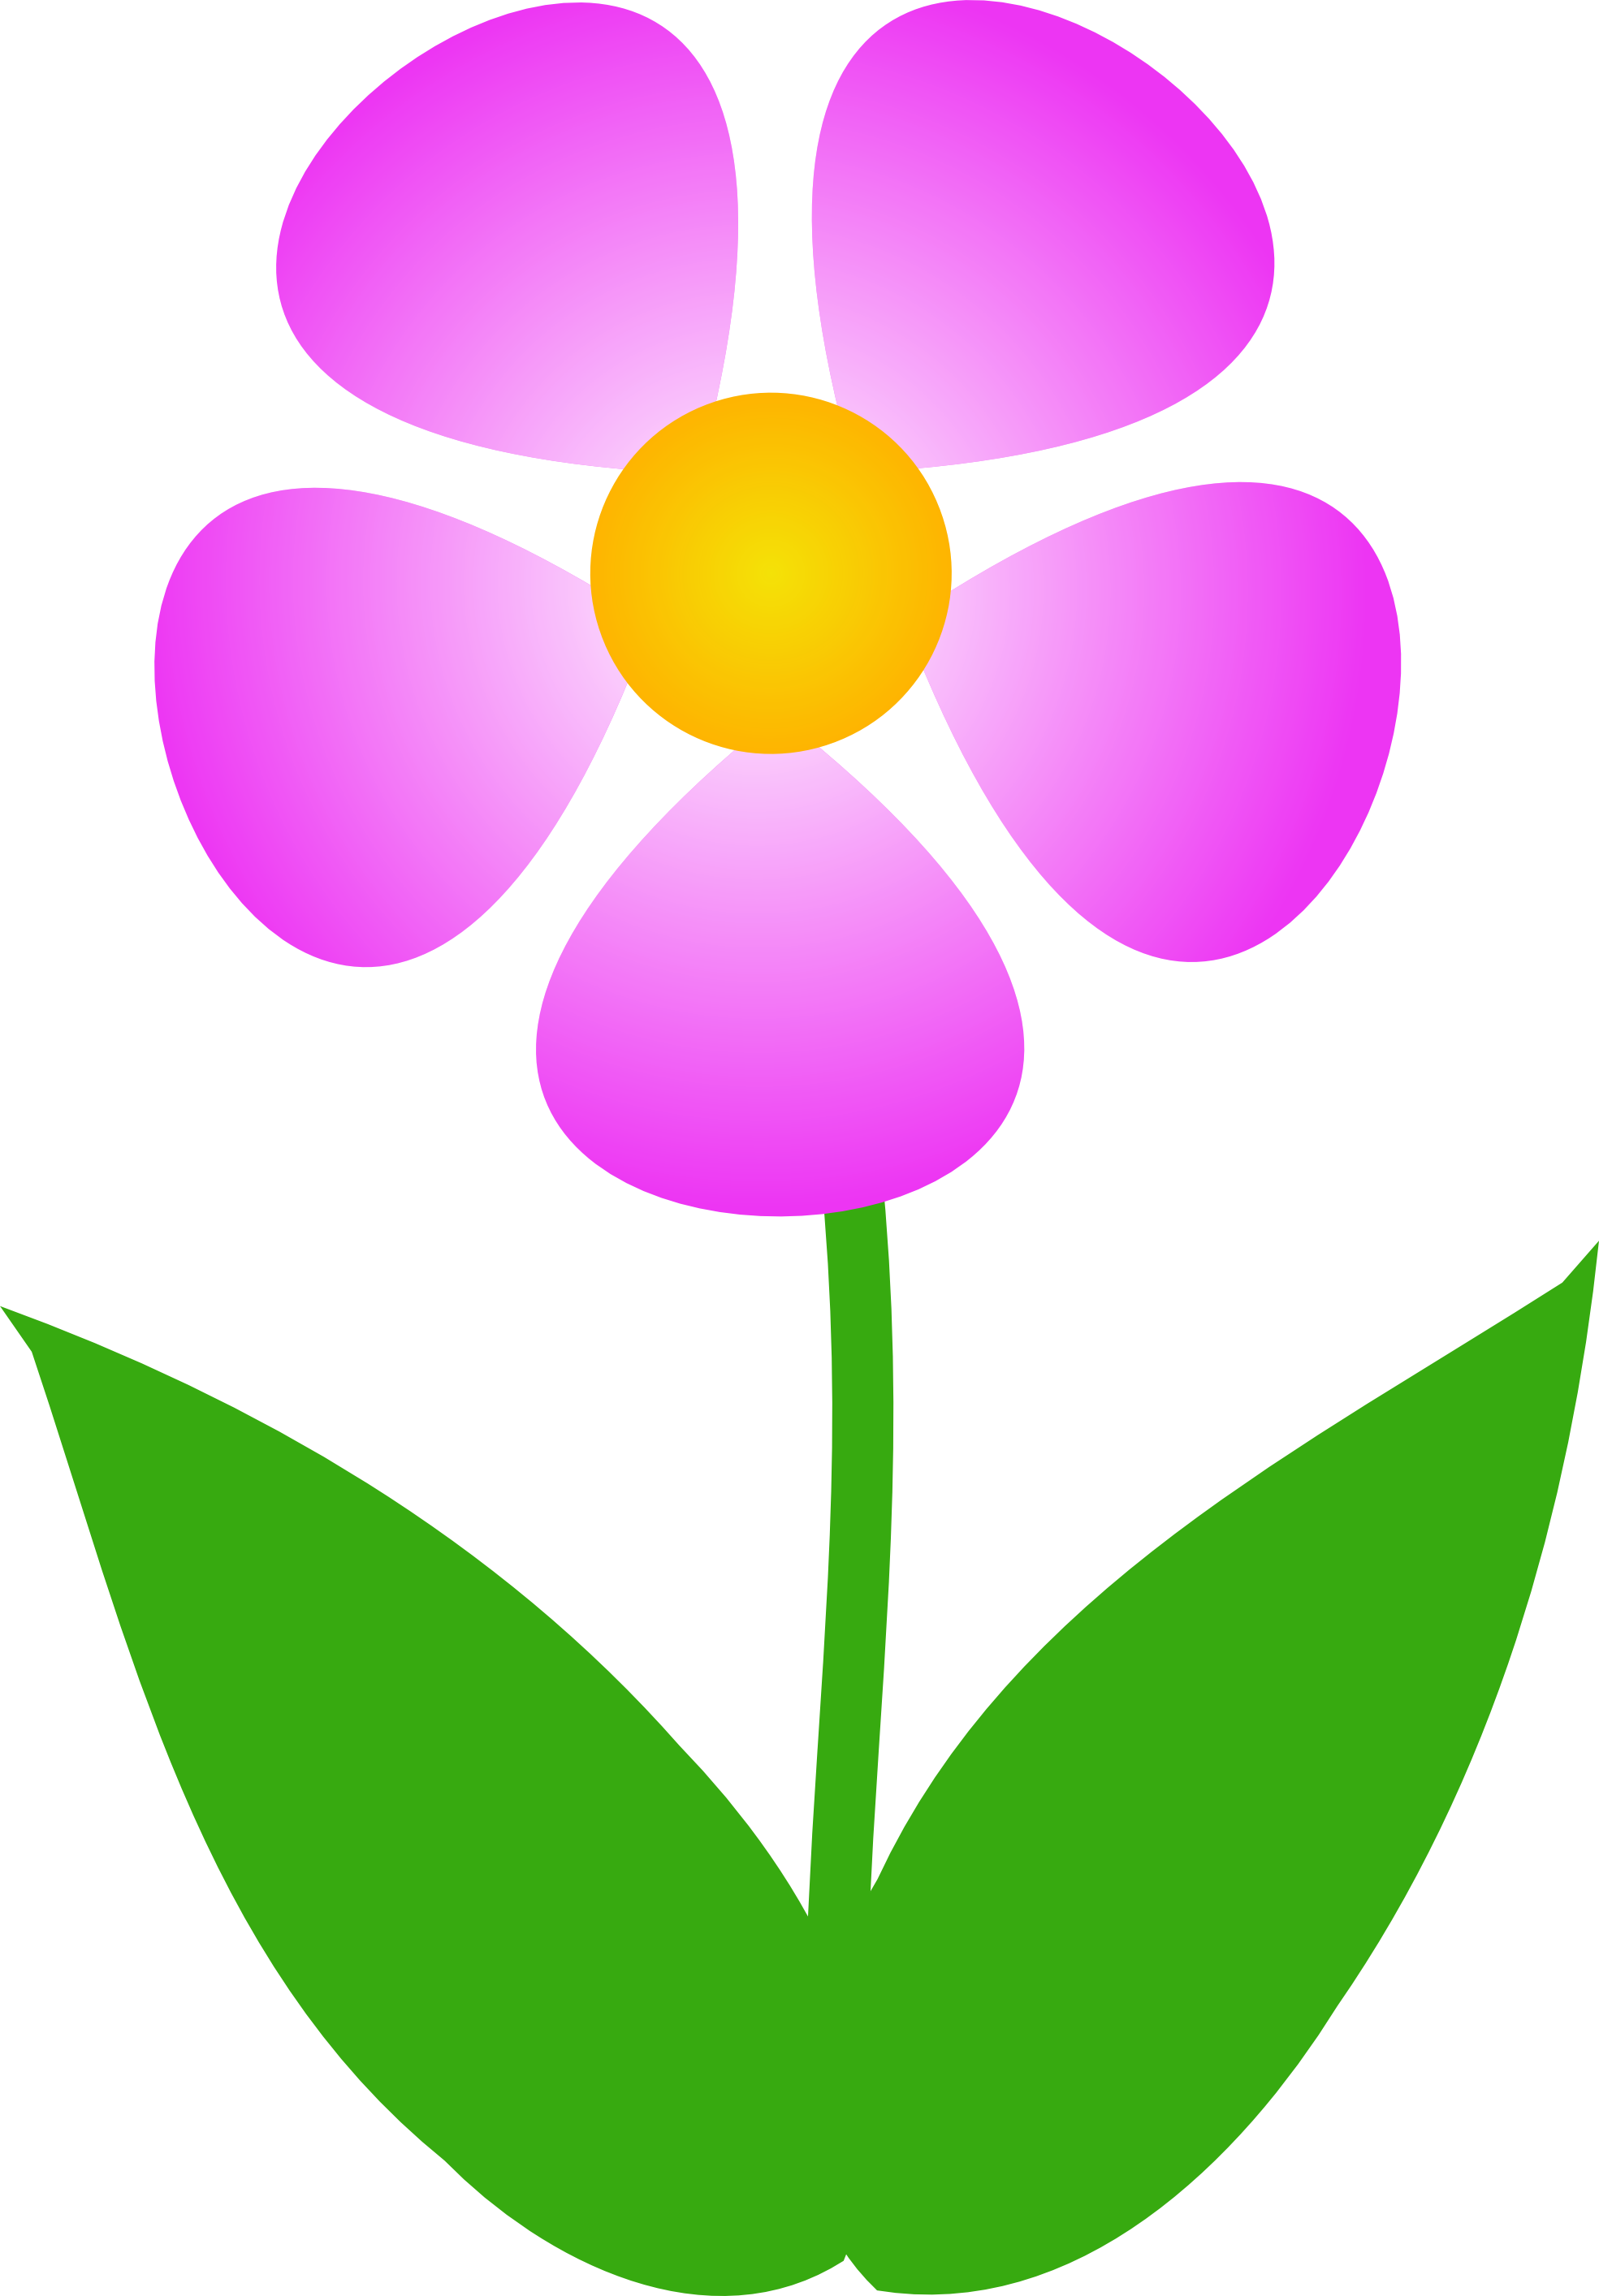 1969x2828 Free Crocus Clipart Public Domain Flower Clip Art Images And Image